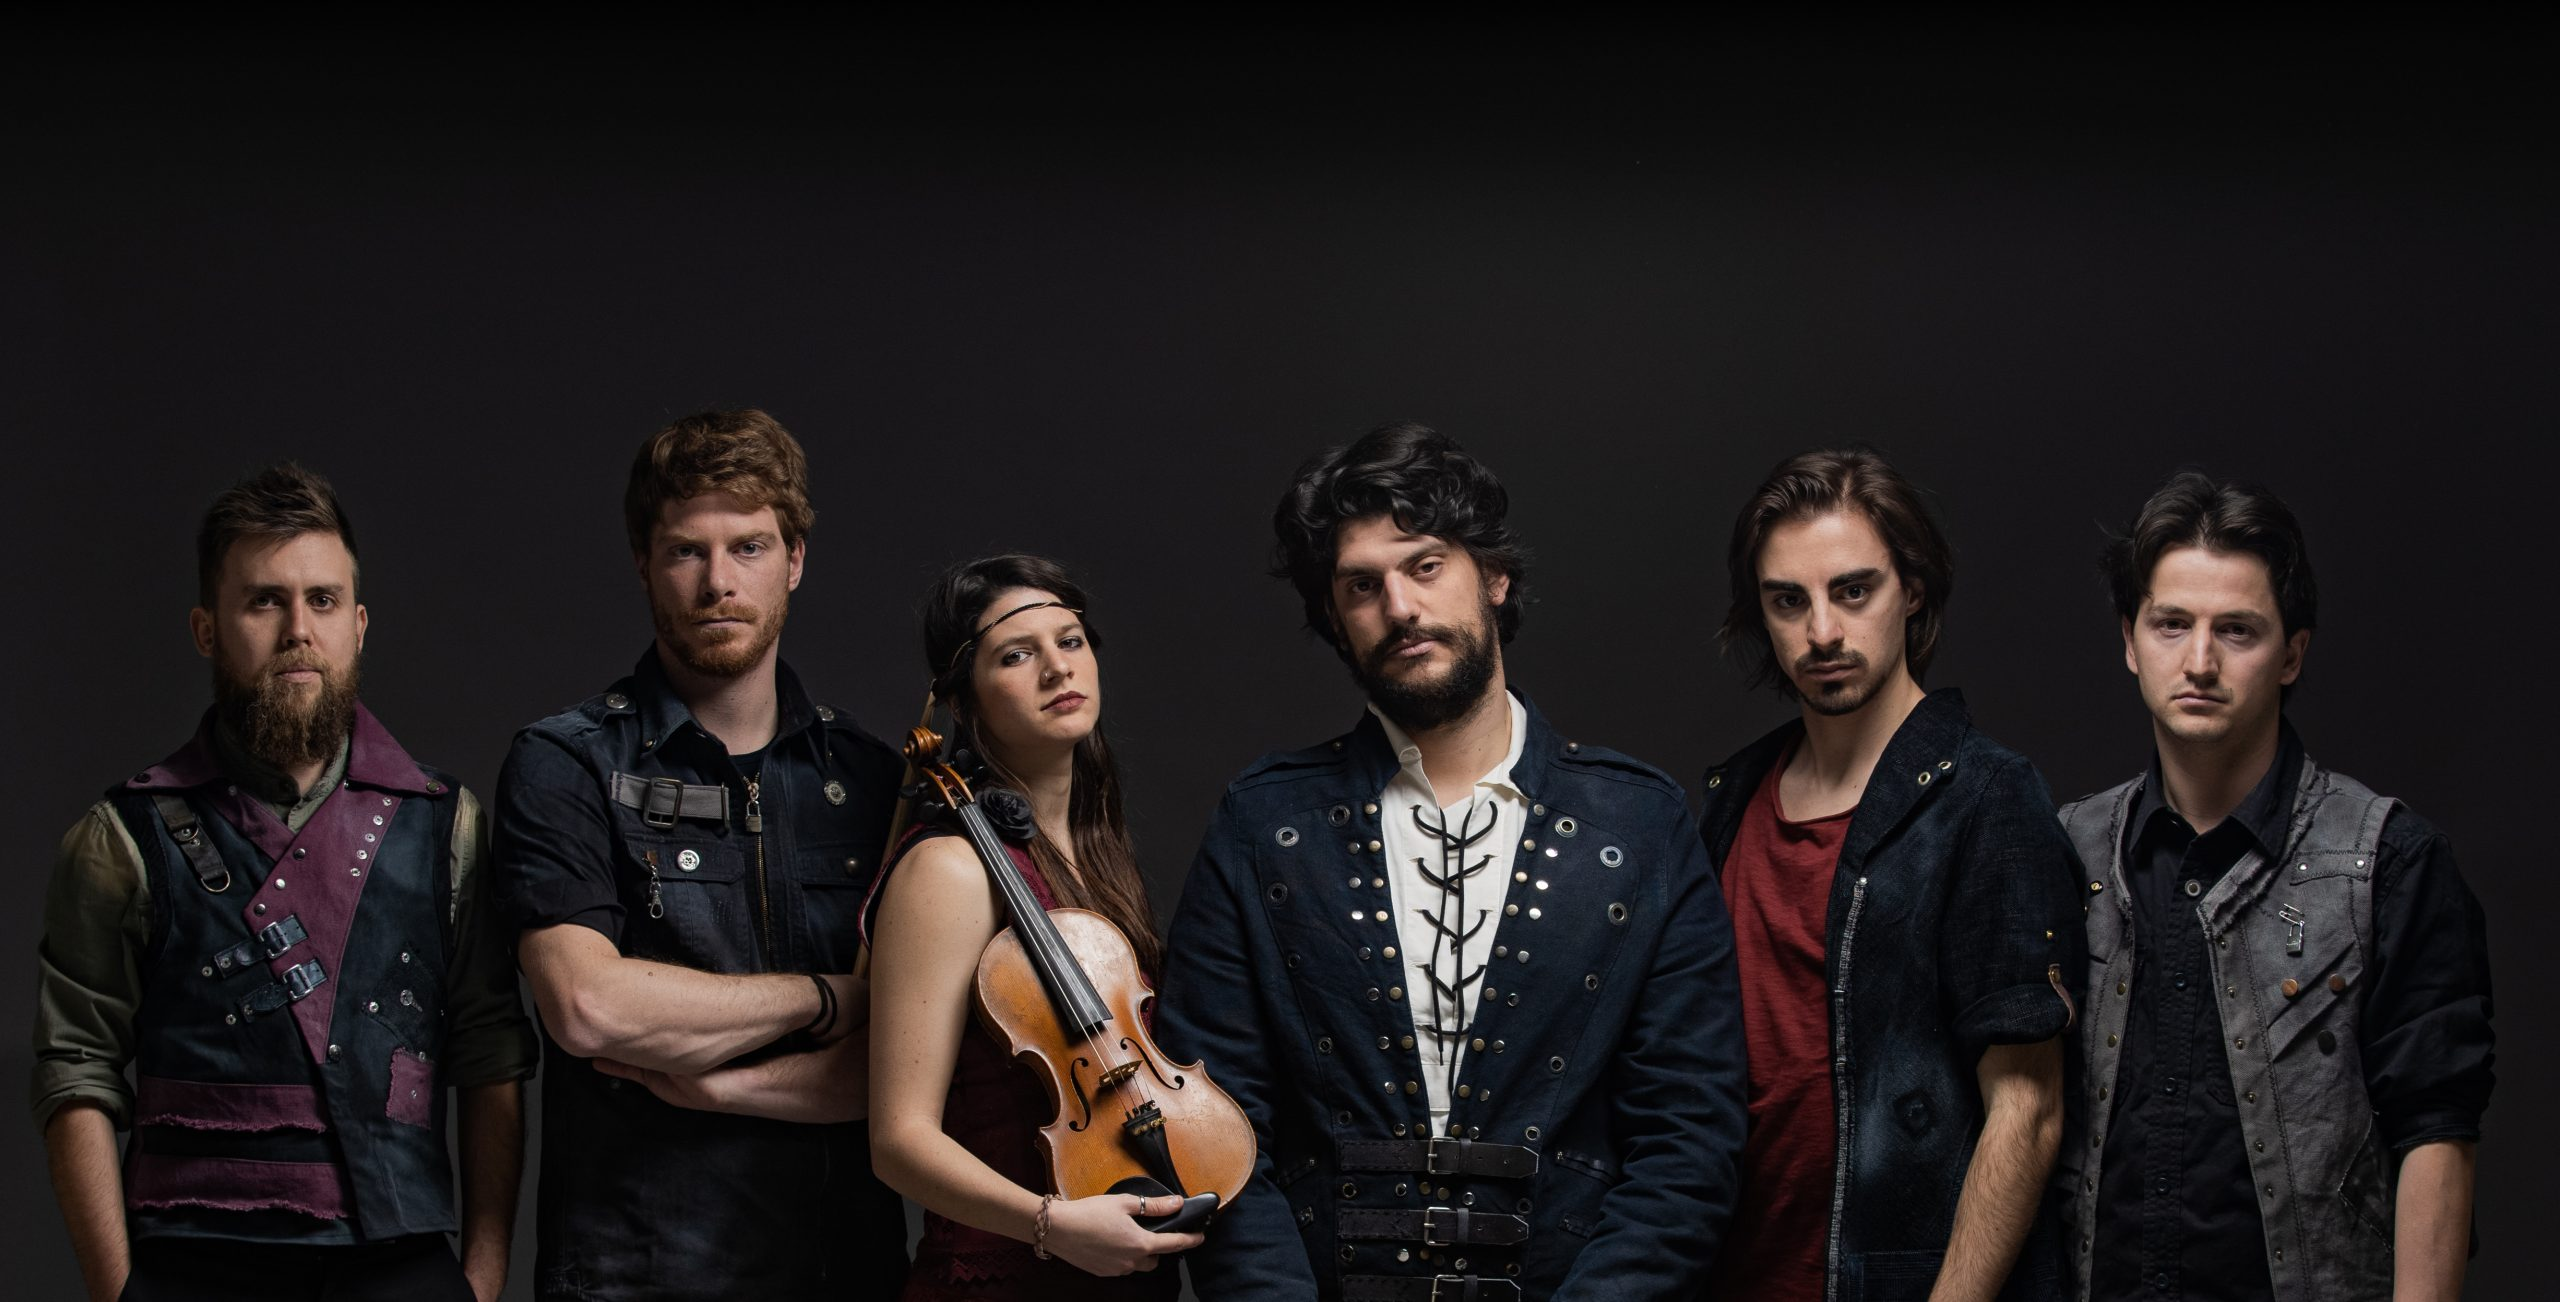 The Rumpled - full band